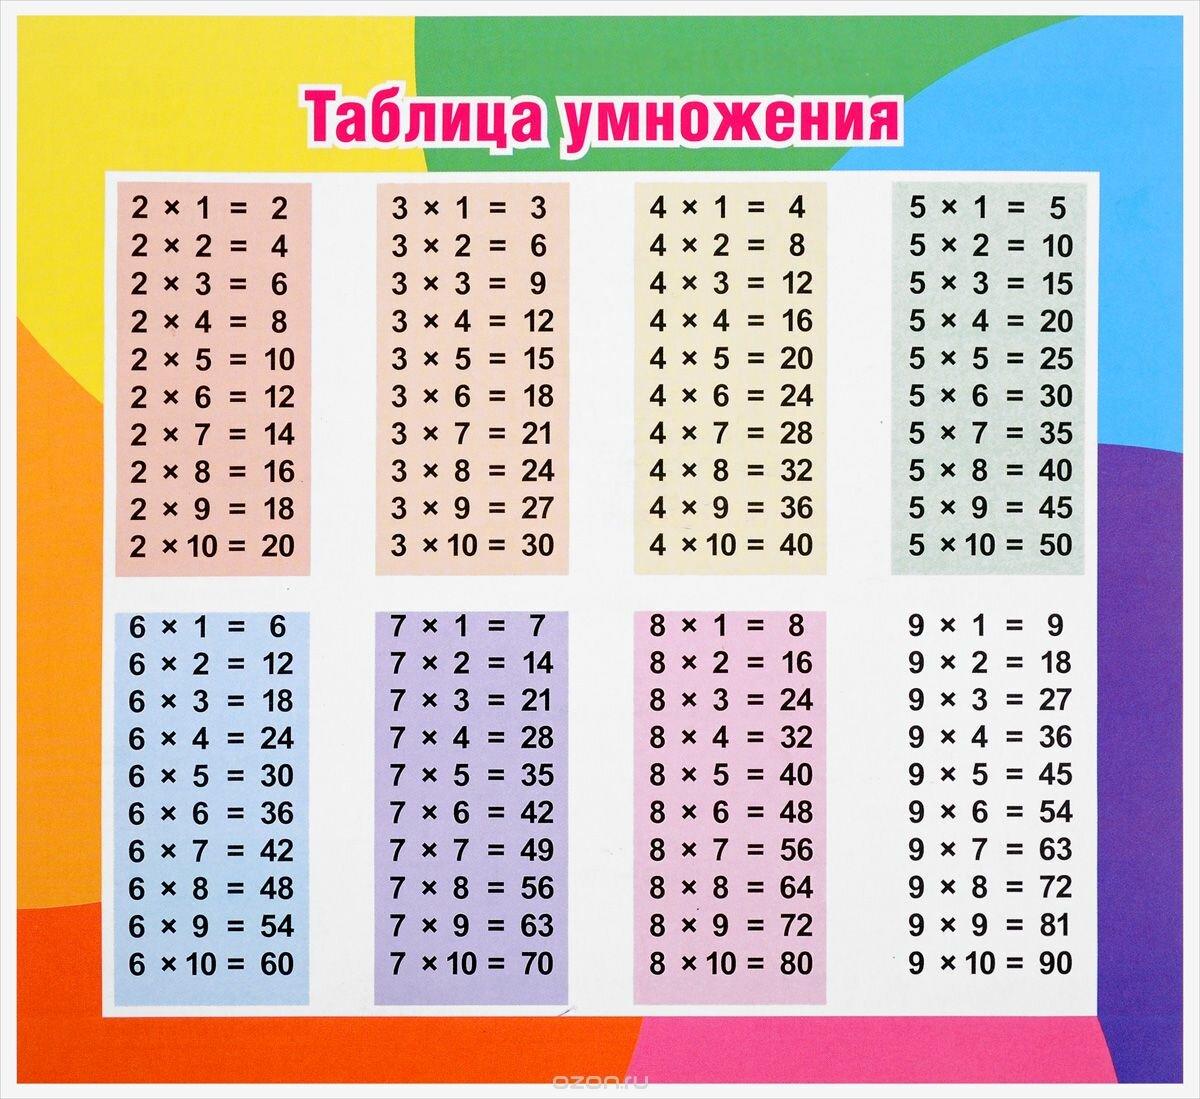 Таблица умножения картинки фото